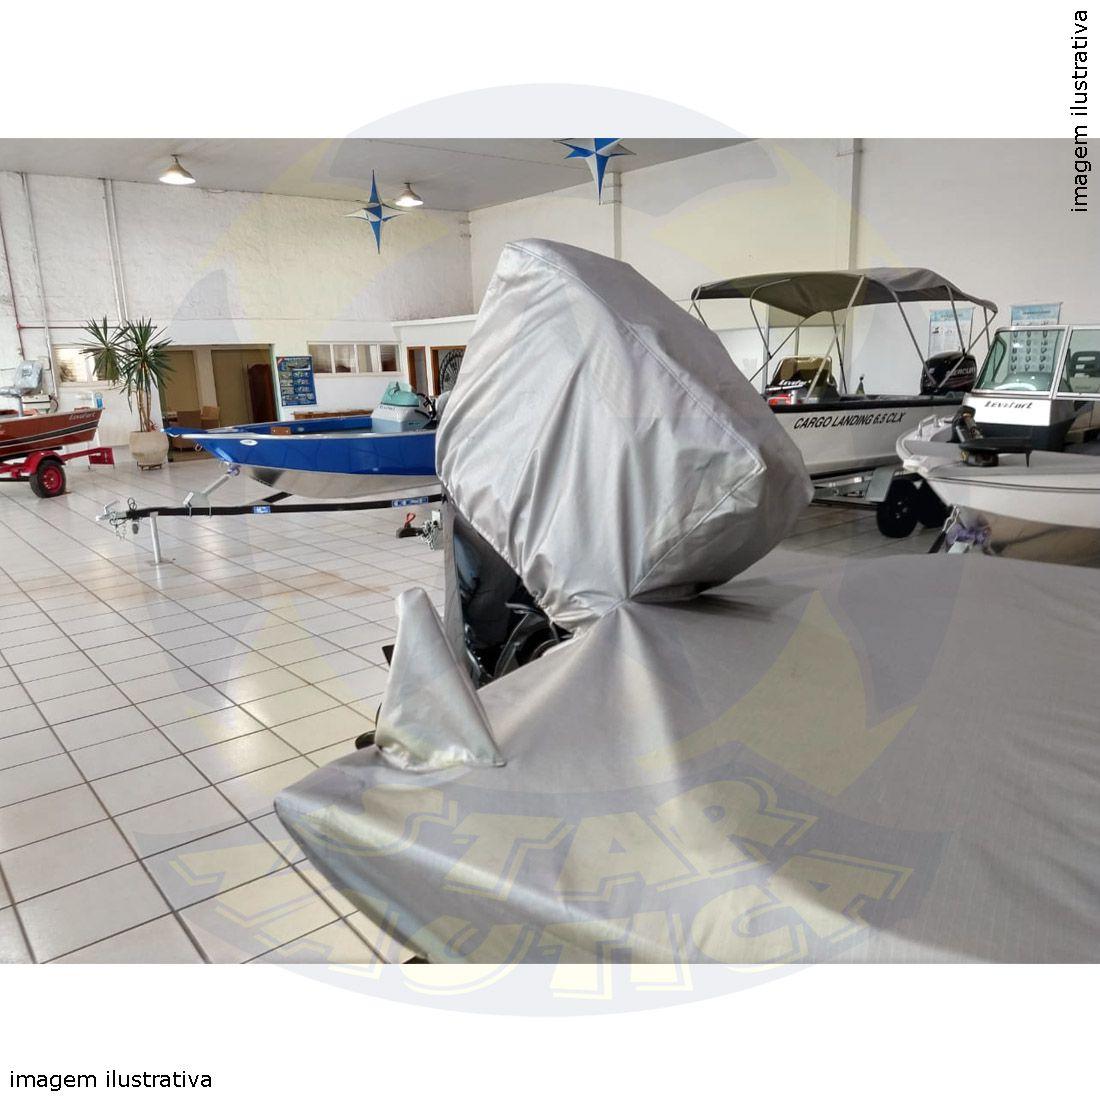 Capa Lona de Cobertura Lancha Apolus 600 Tracker 19 Pés Lona Metalizada